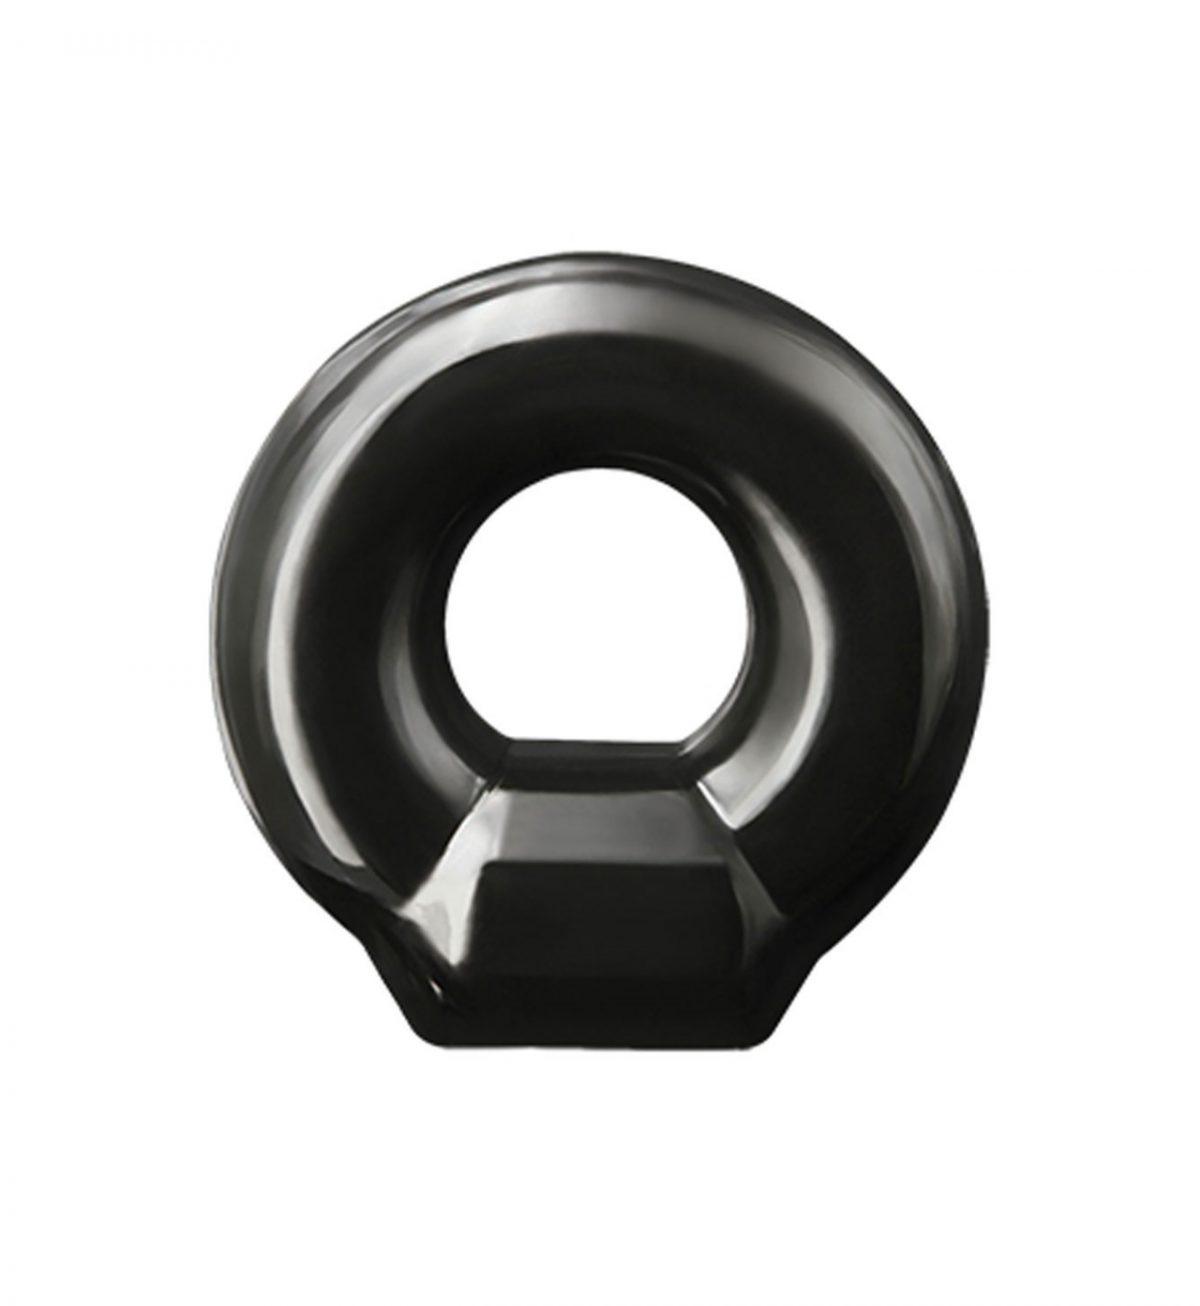 Renegade Drop Ring - Ekstremt fleksibel penisring - NS Novelties